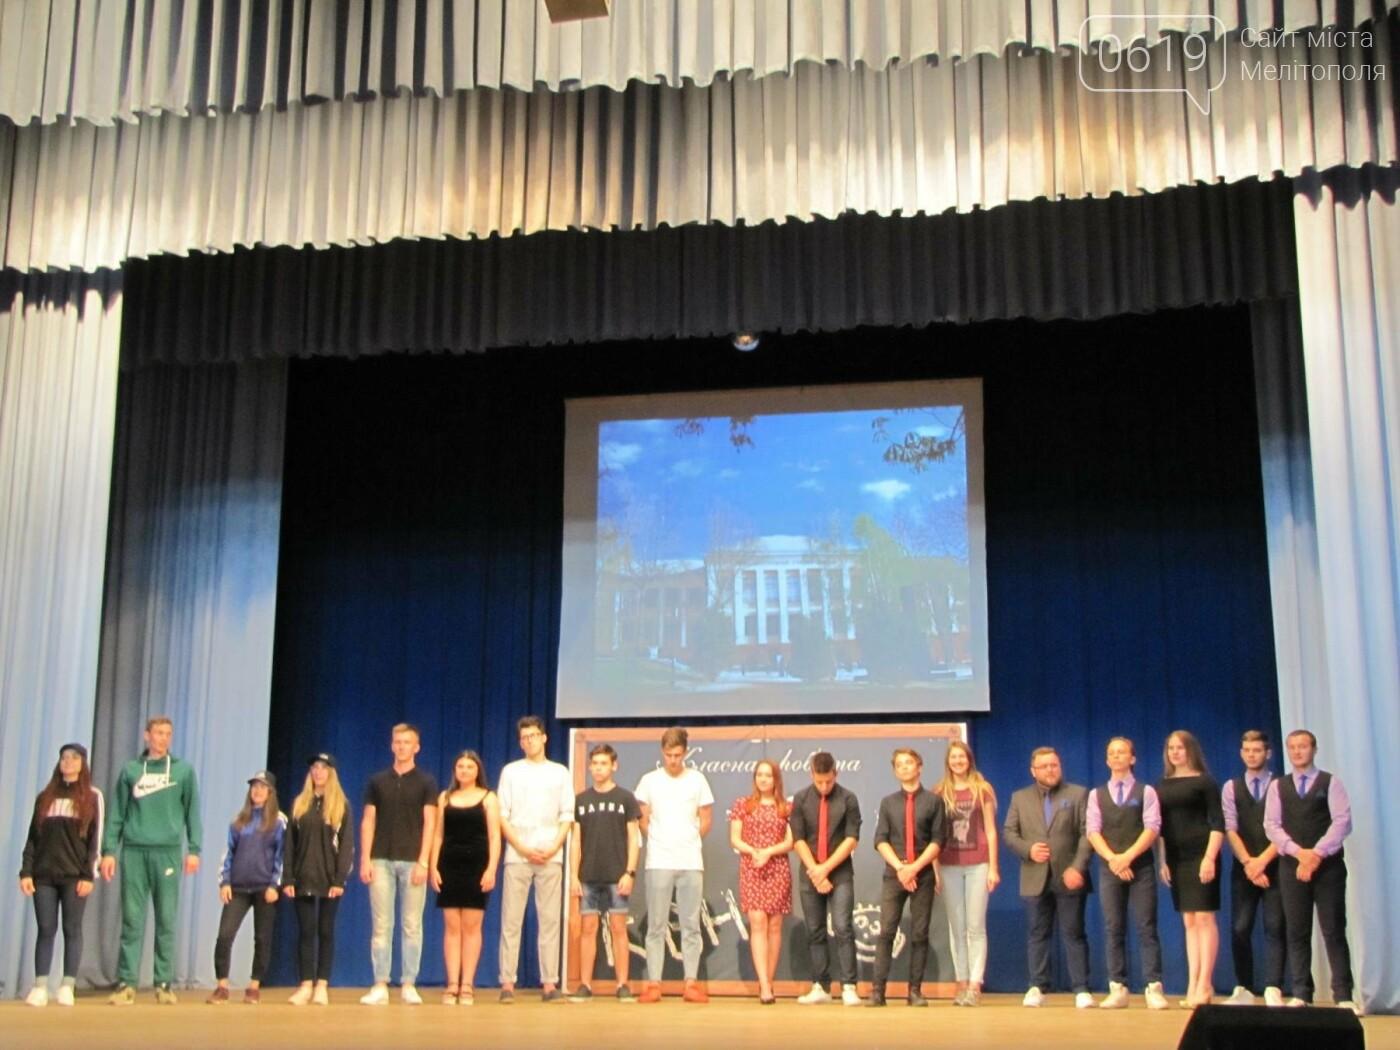 """Звезды """"Лиги смеха"""" выступили на одной сцене с мелитопольскими студентами , фото-14"""